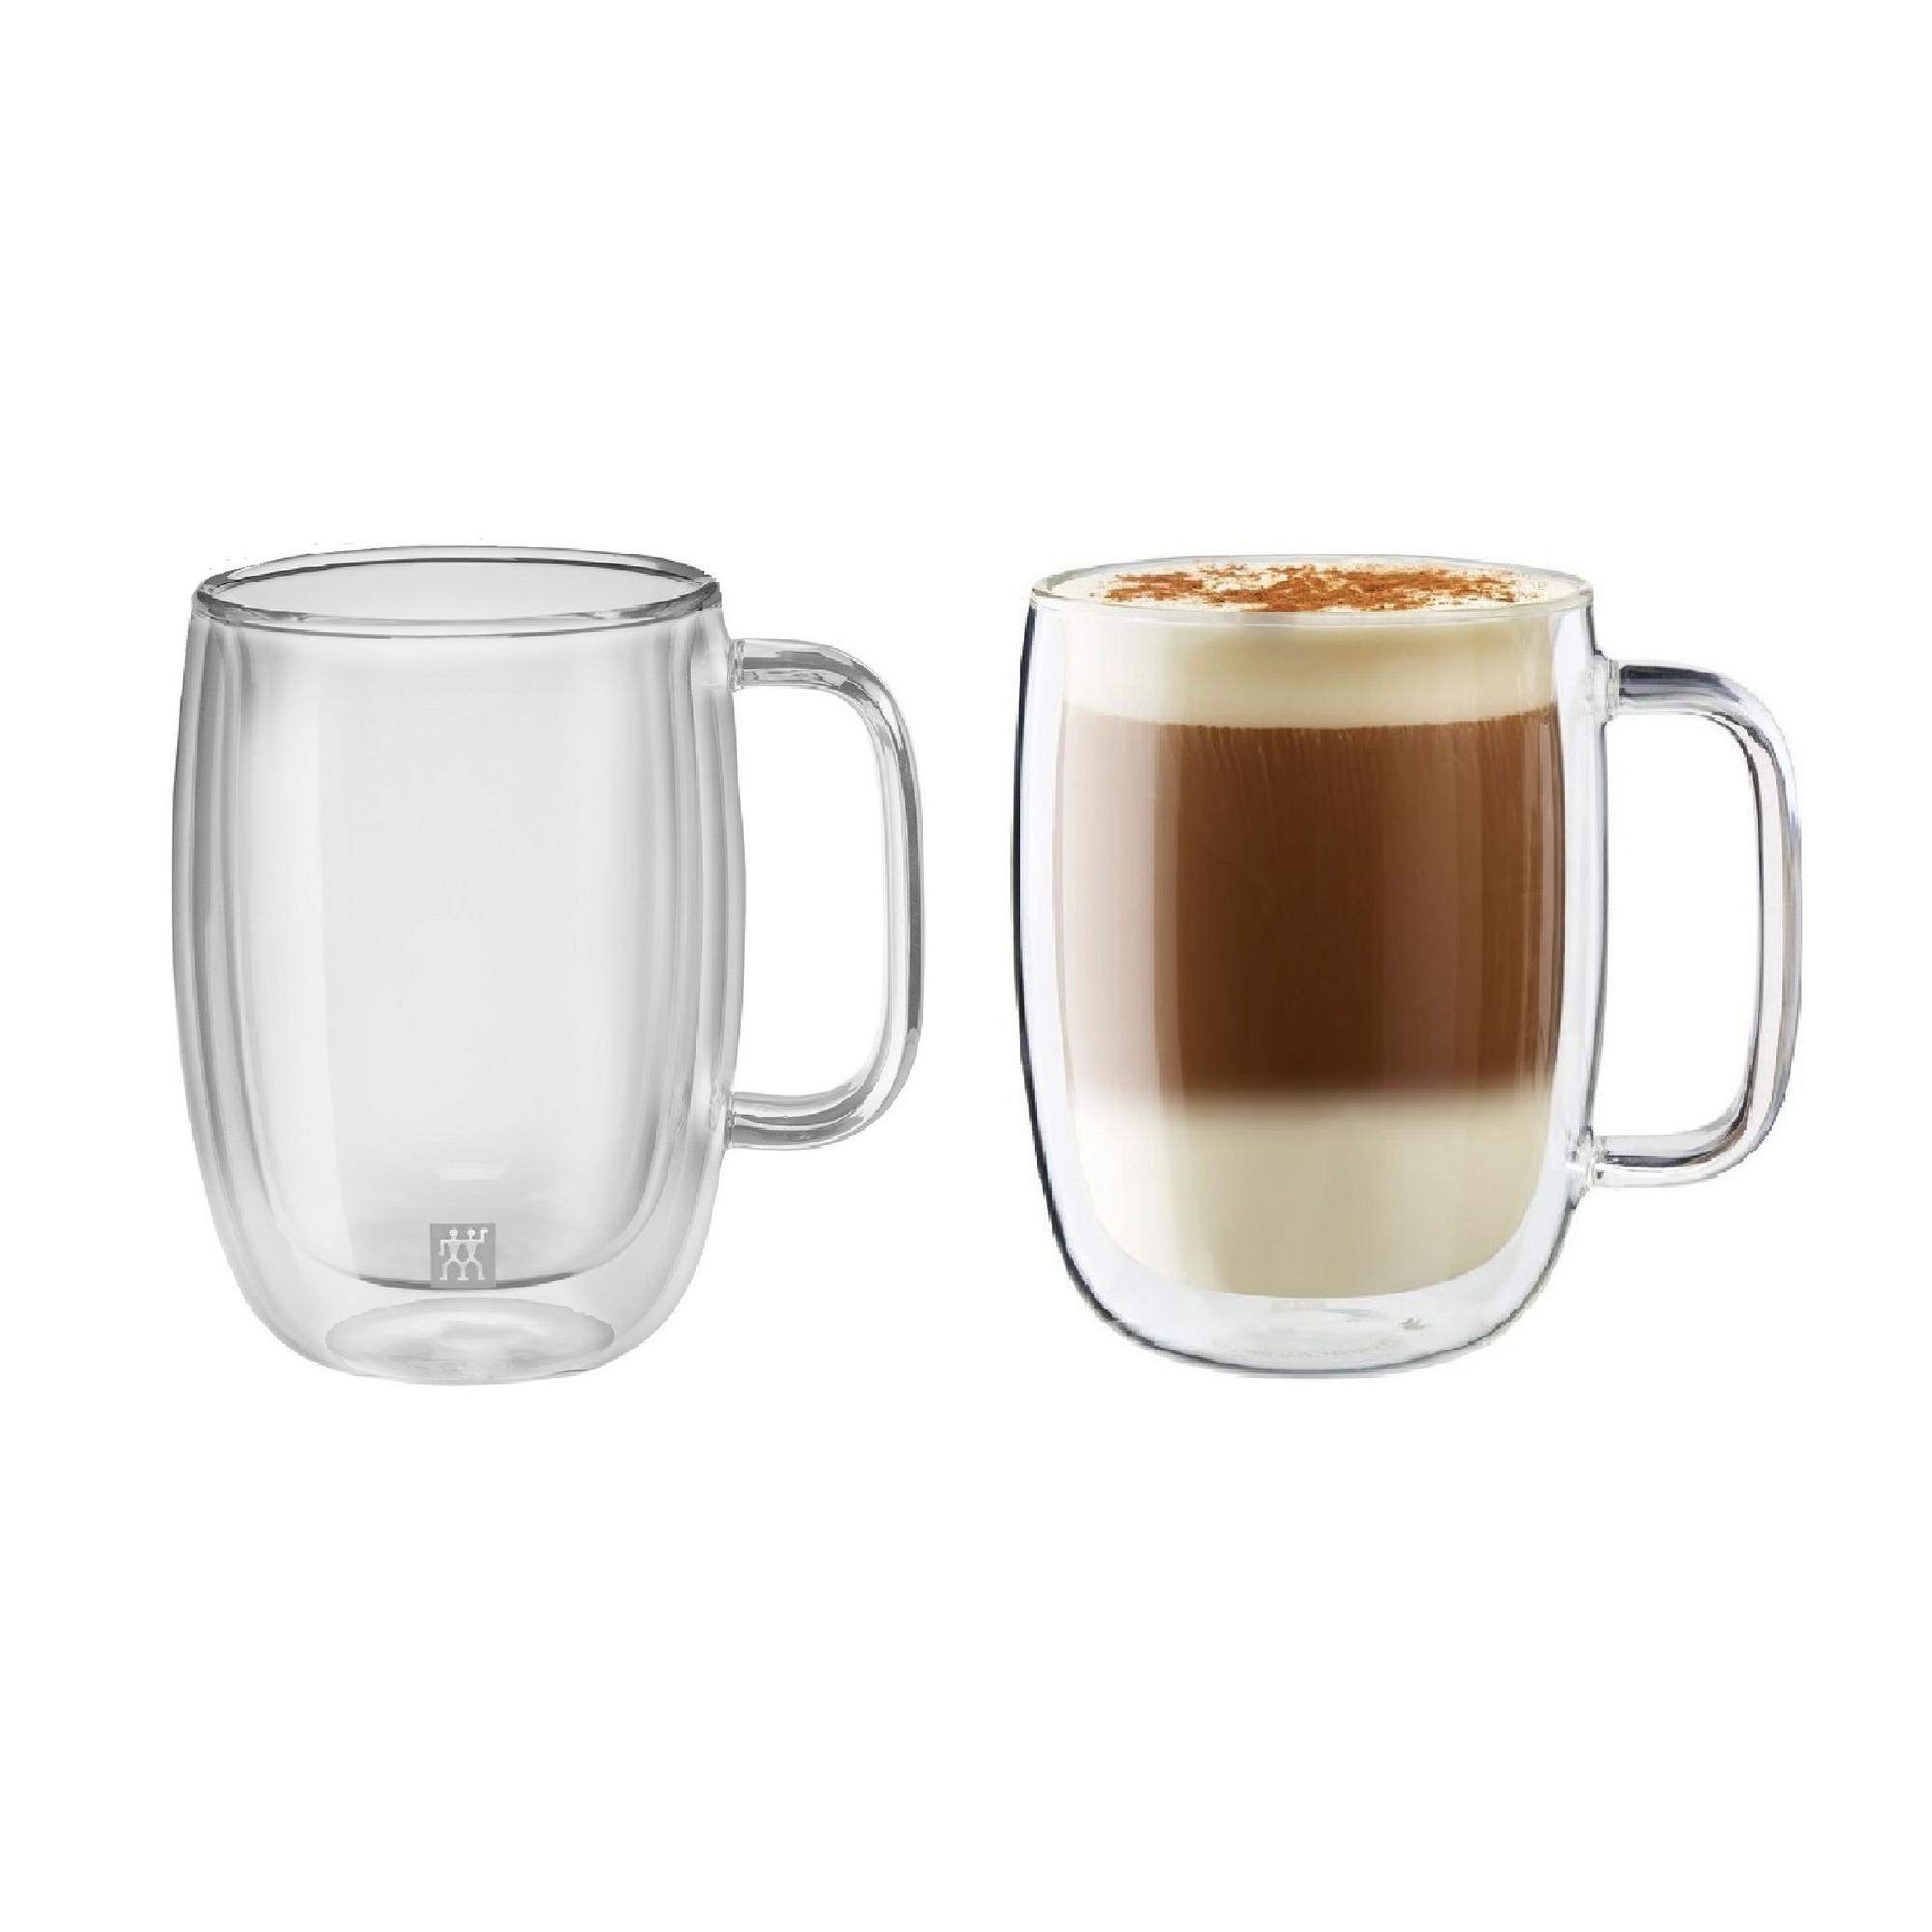 Jogo de Canecas para Latte 450ml Zwilling Sorrento 2 Peças Parede Dupla